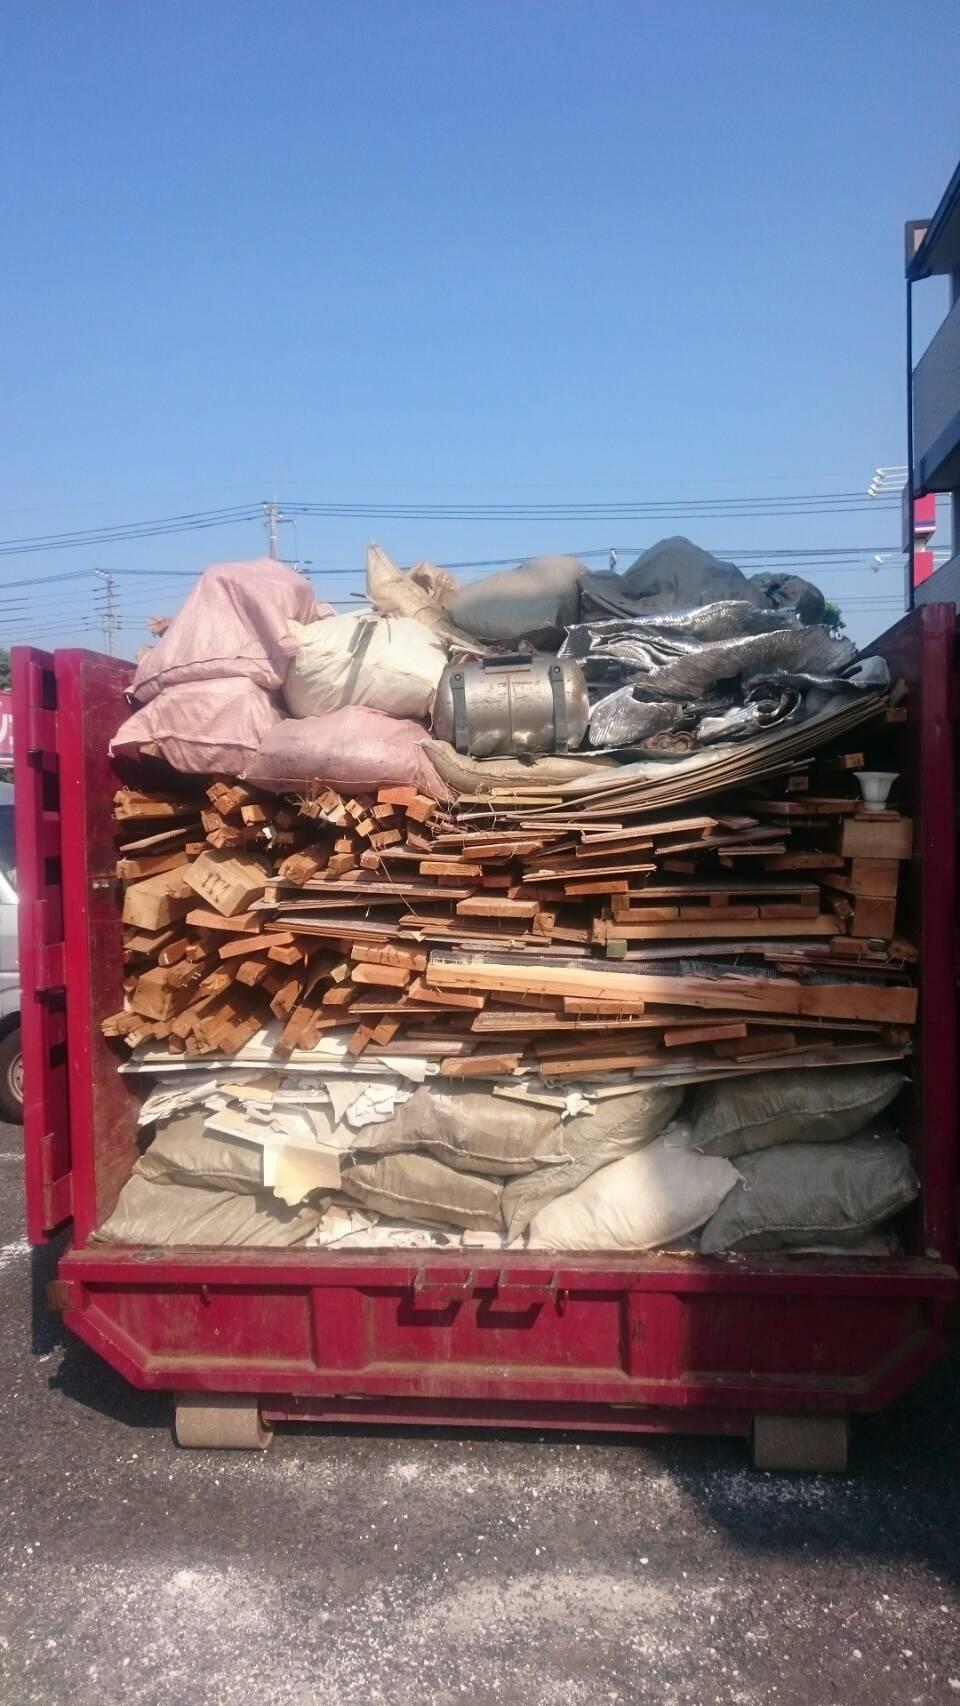 【産業廃棄物の回収処理】リフォーム現場の回収を行った事例を紹介します。